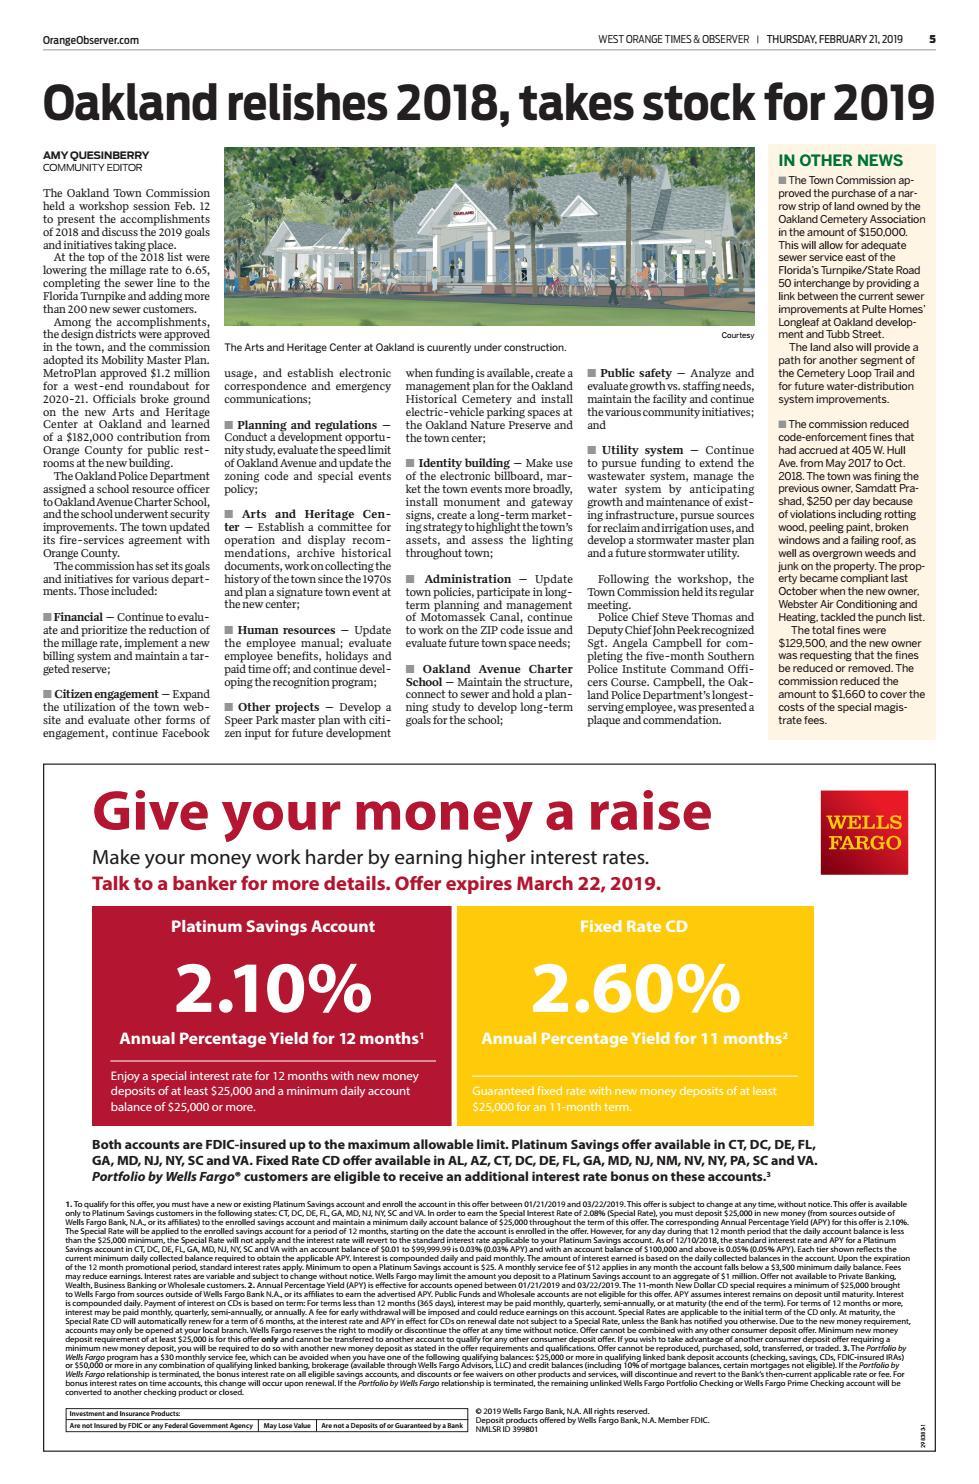 02 21 19 West Orange Times & Observer